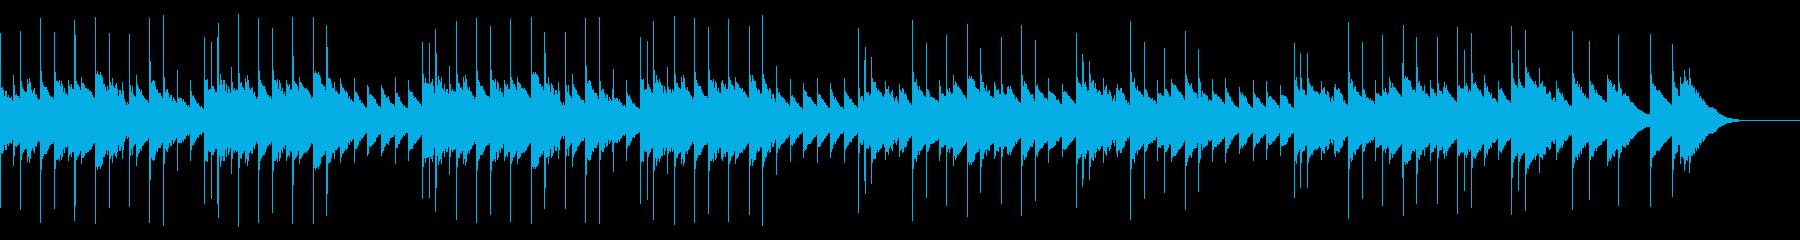 聴くとすやすや眠れそうなオルゴール曲の再生済みの波形